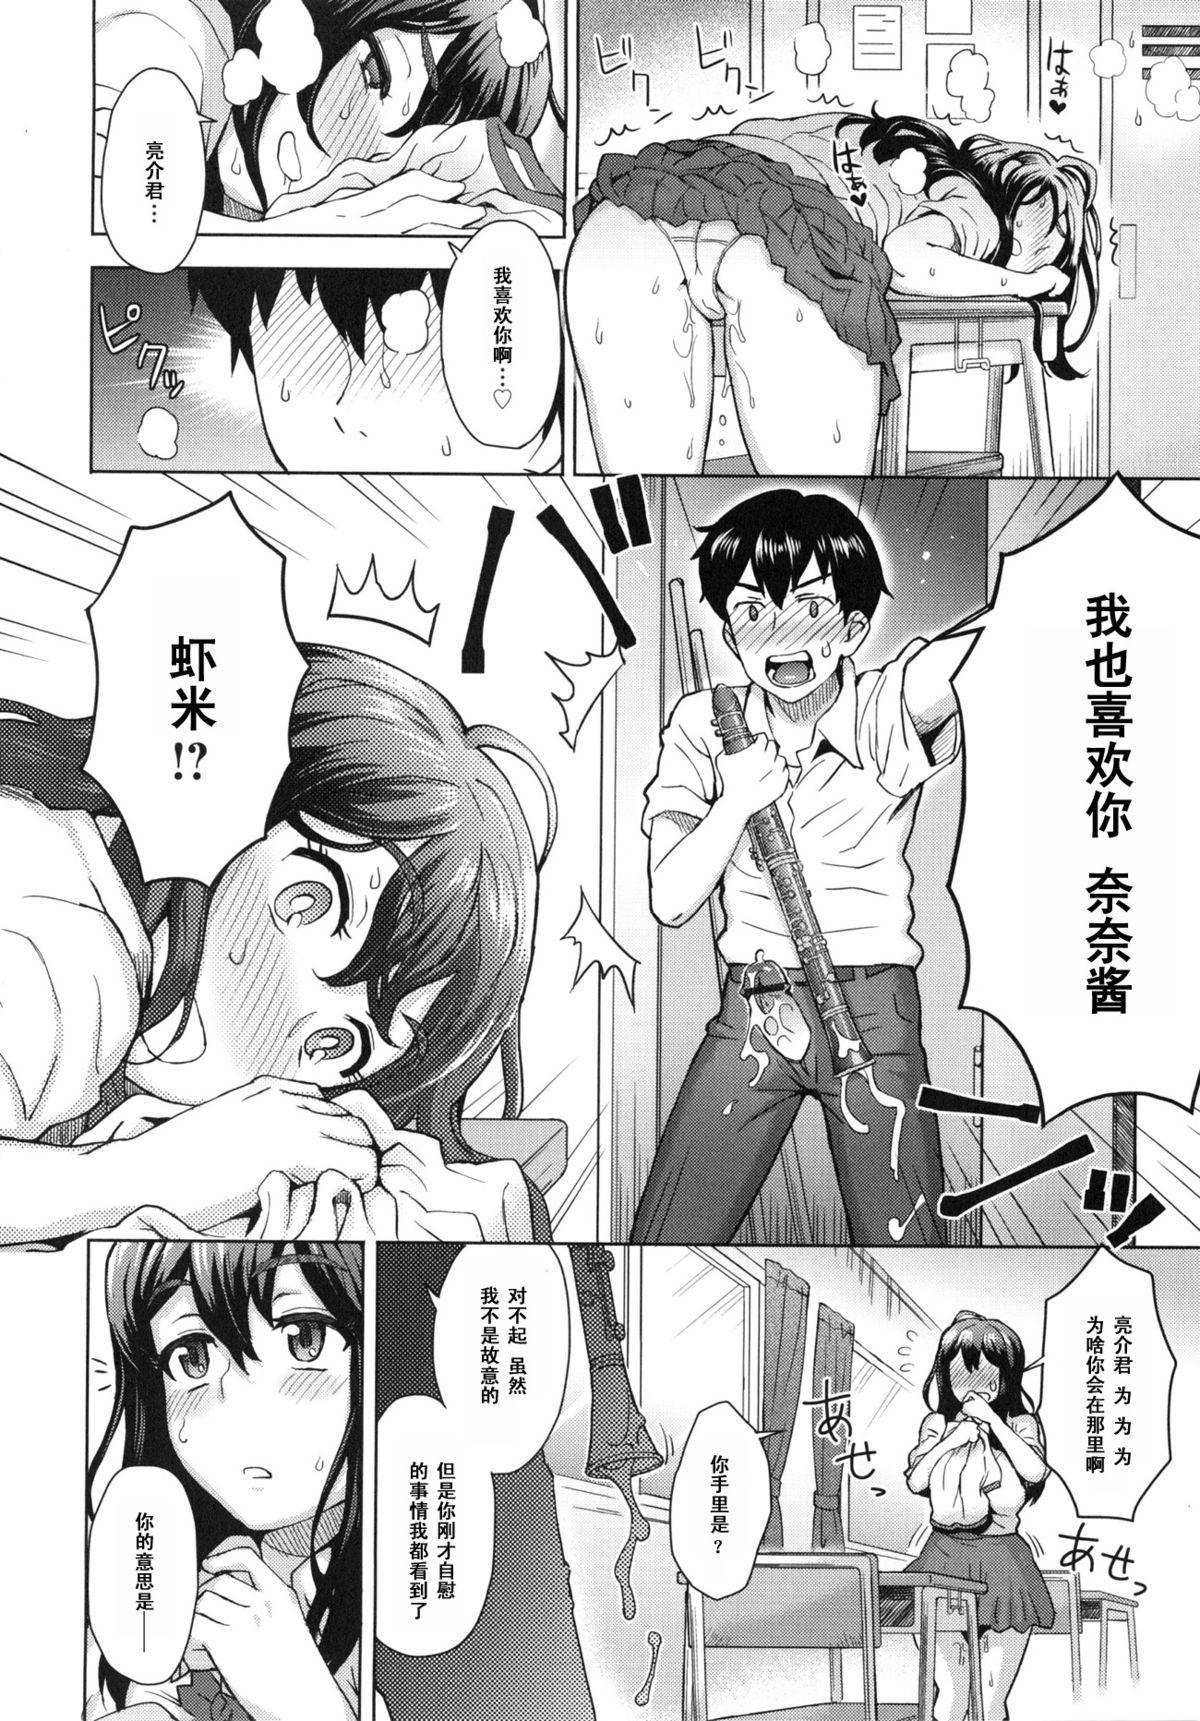 Kanojo no Daiji na Wasuremono 9